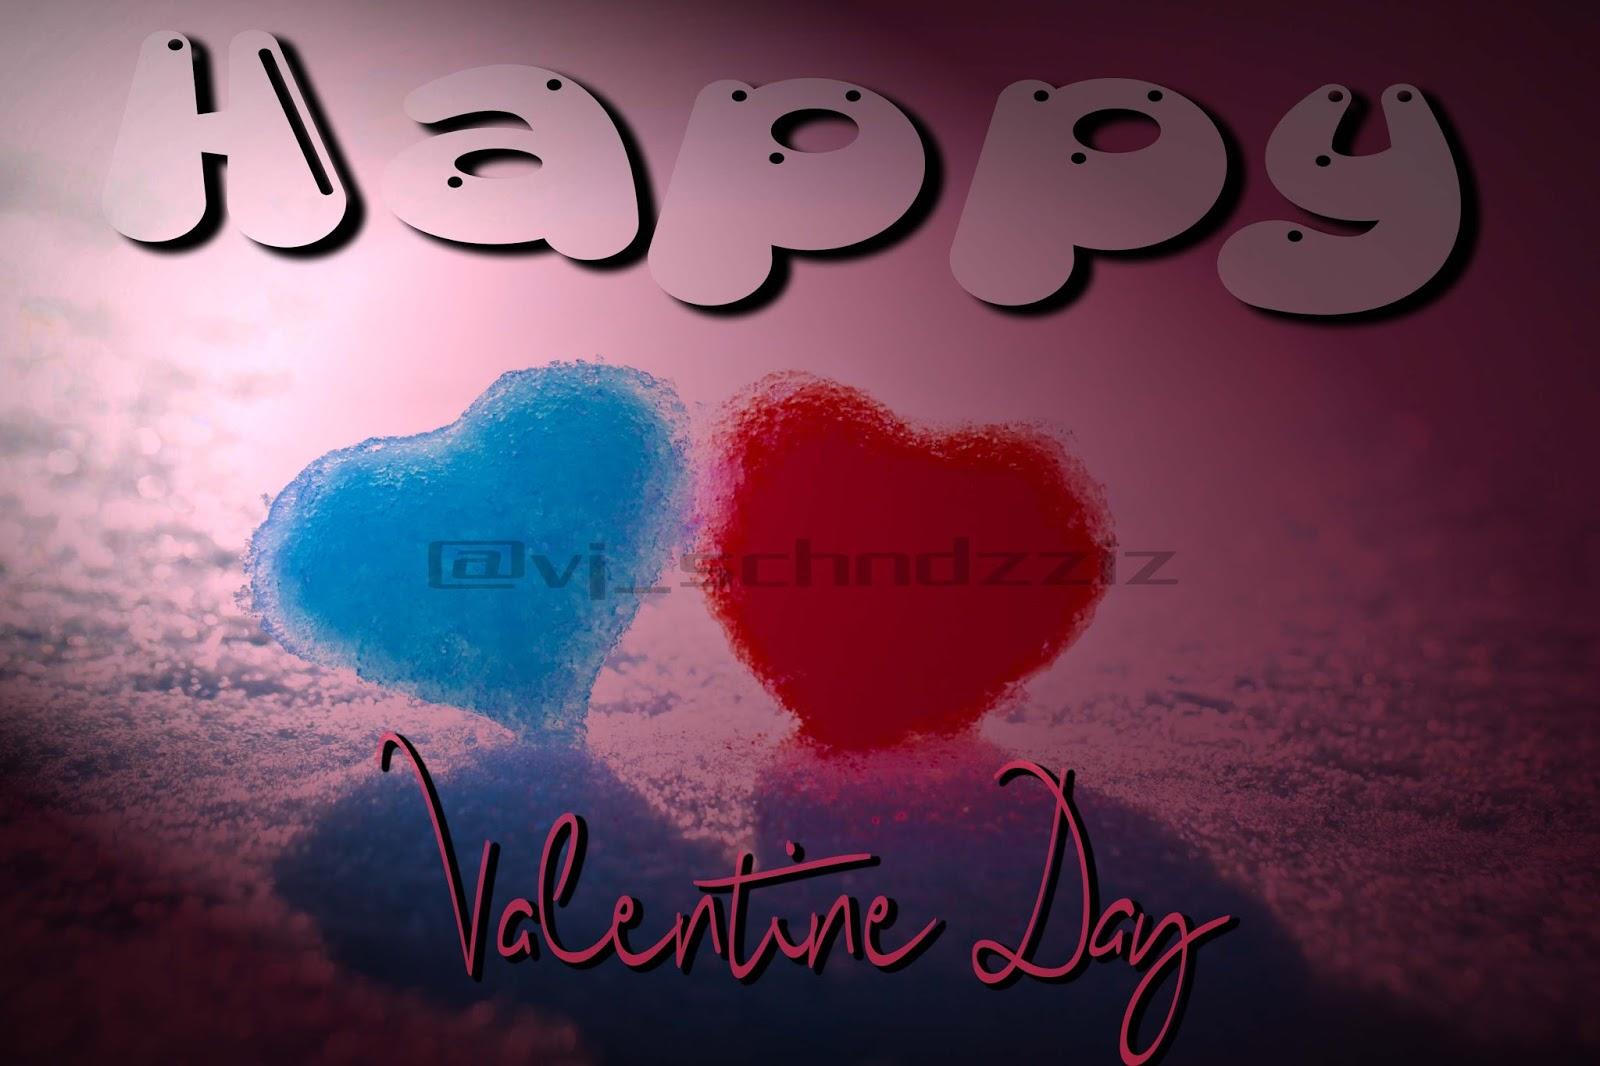 Kumpulan Kata Romantis Ucapan Selamat Hari Valentine 2017